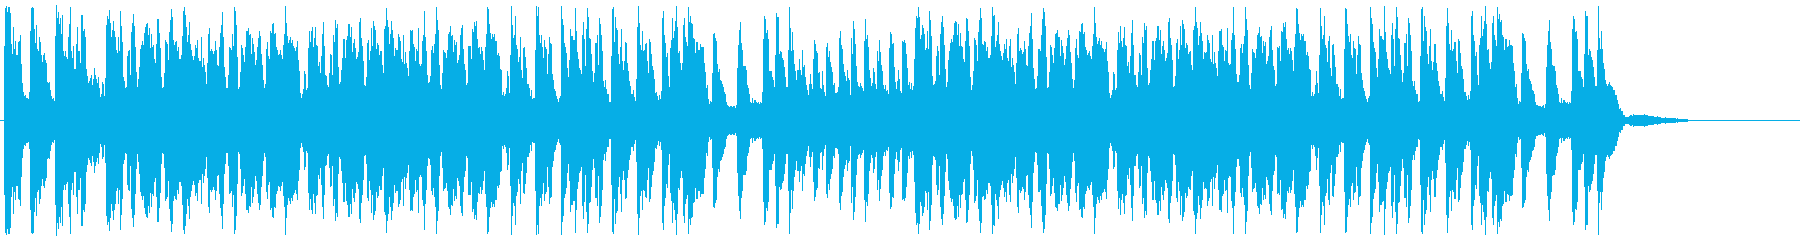 吹奏楽:応援マーチ(手拍子・声援あり)の再生済みの波形